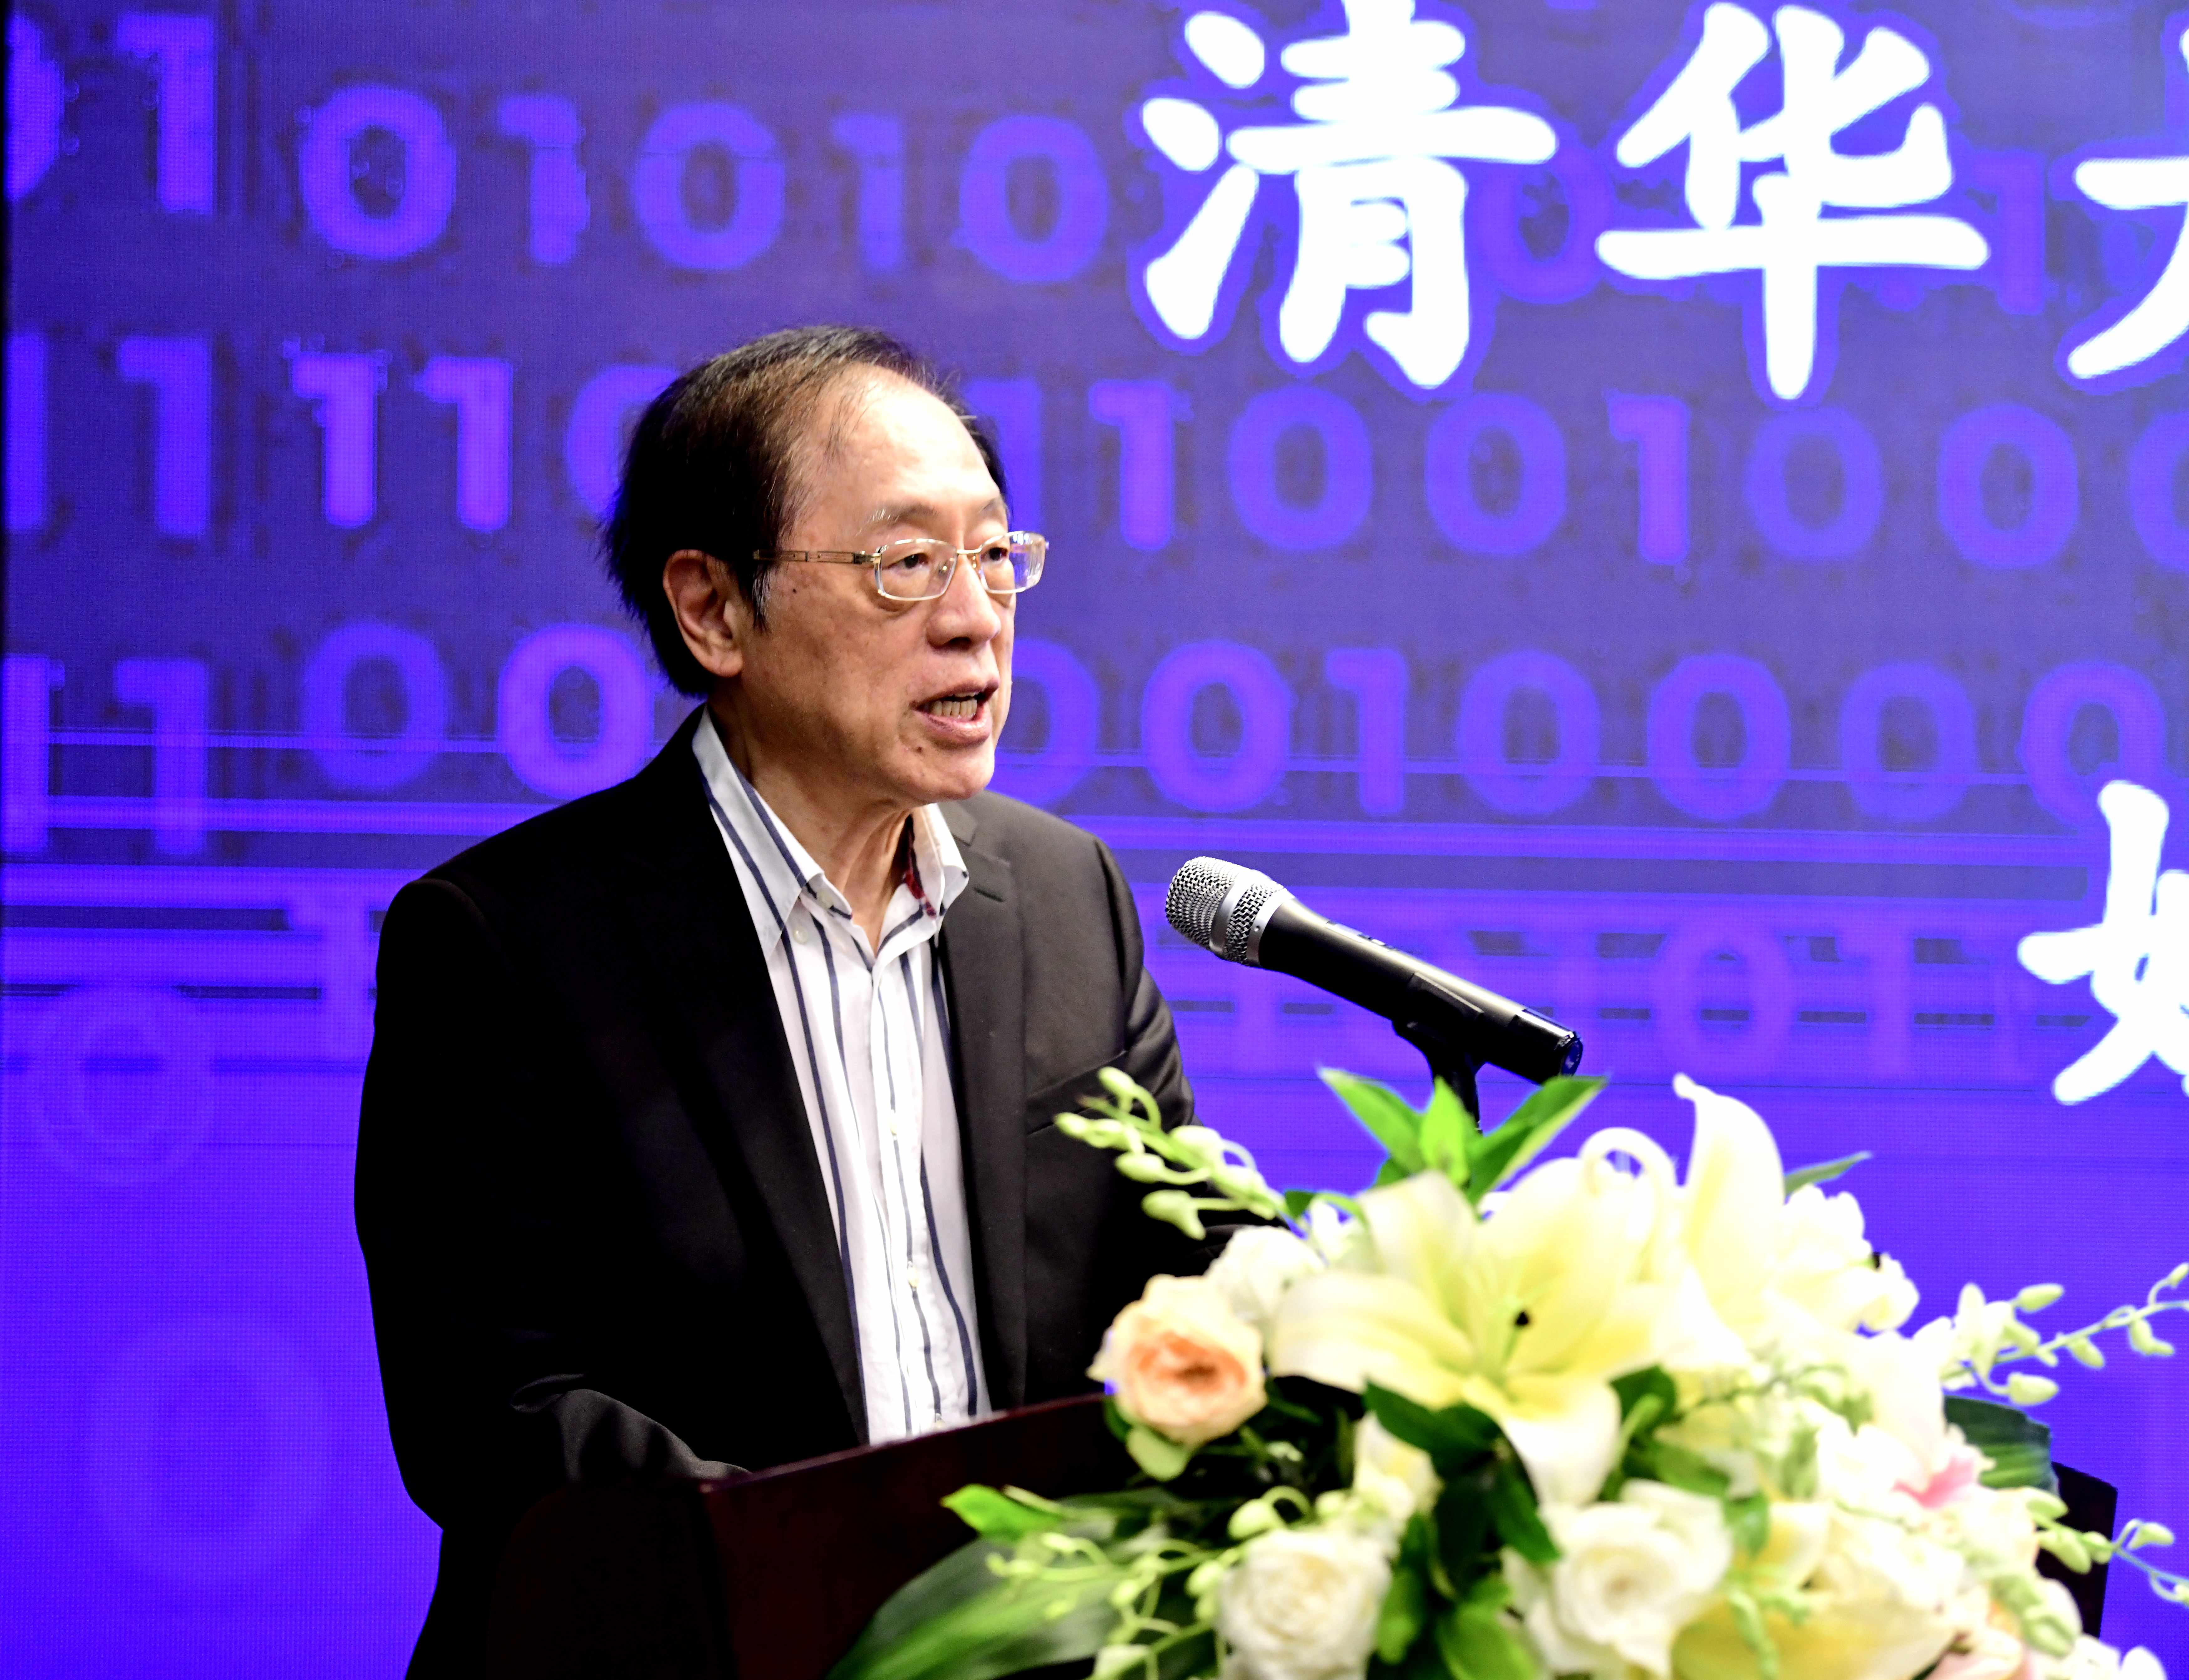 ↑2021年5月24日,姚期智在清华大学量子信息班成立仪式上致辞。(清华大学供图)